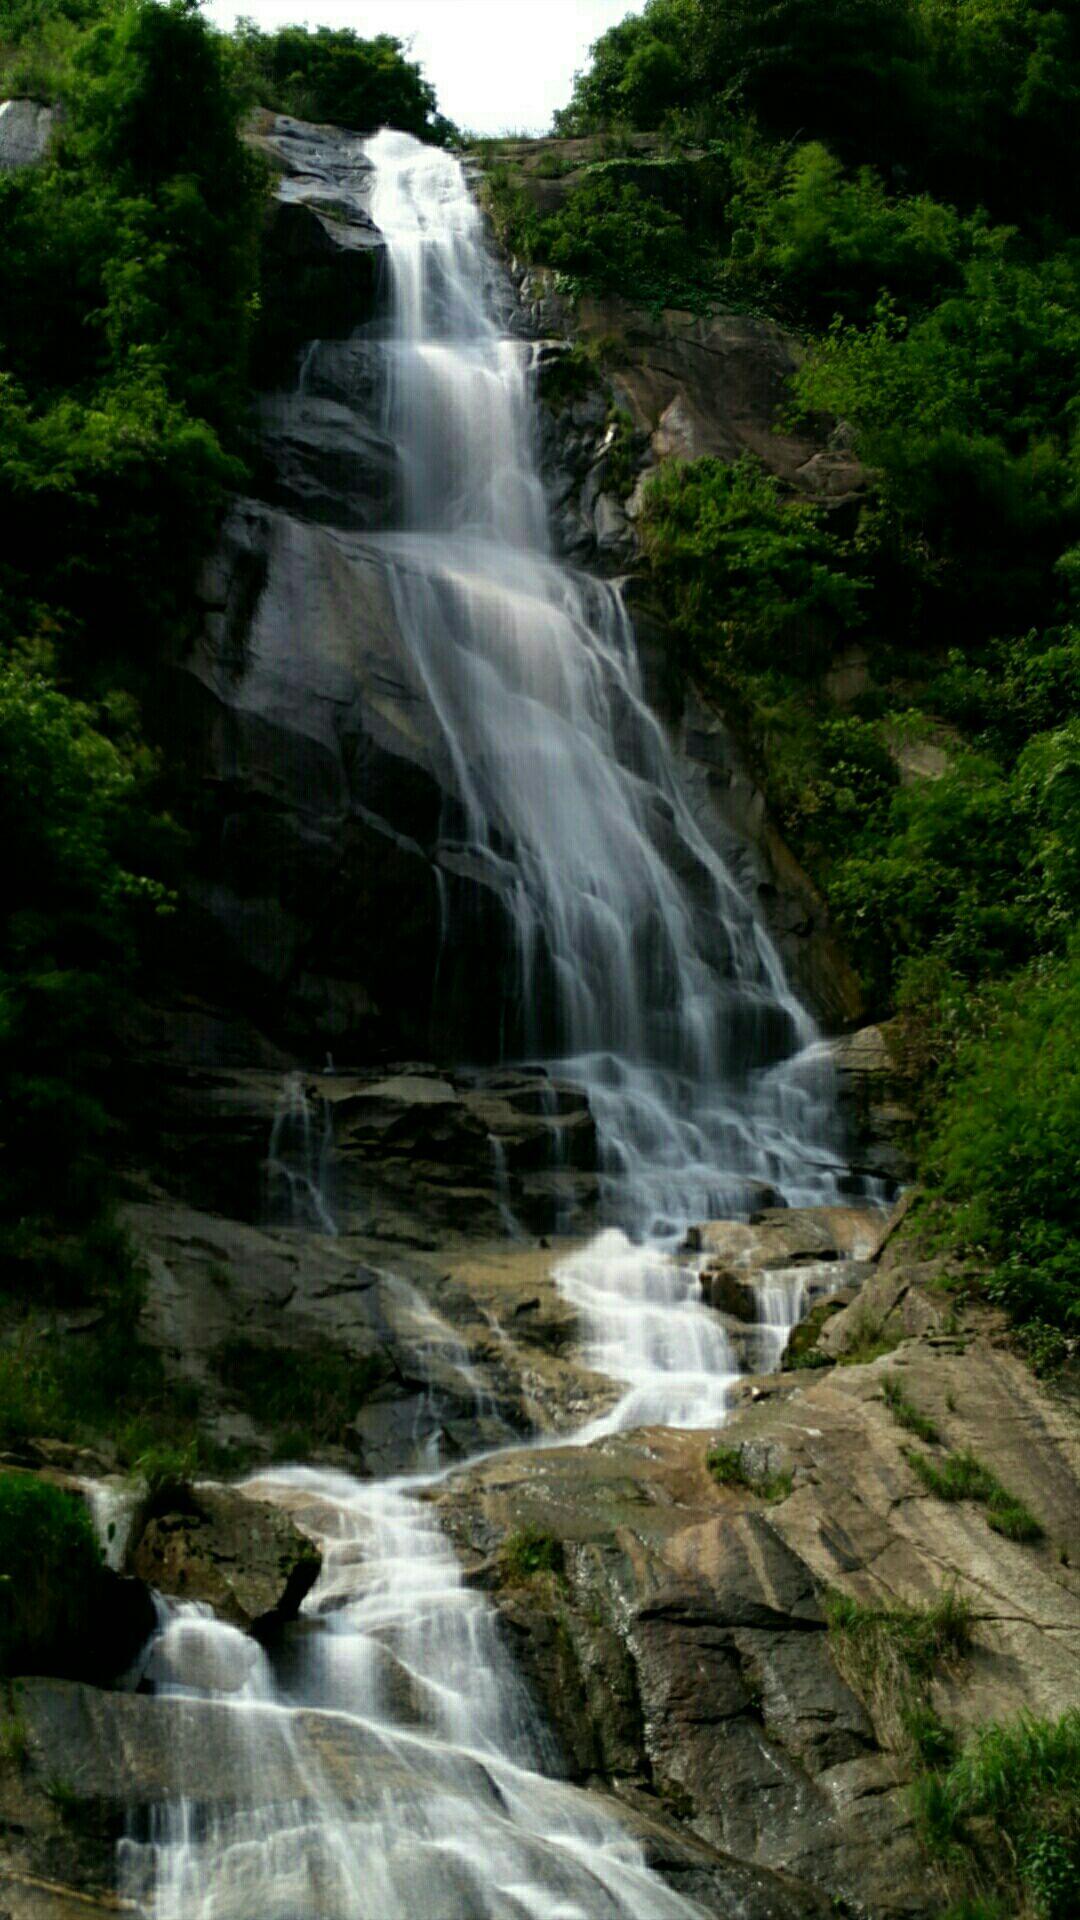 壁纸 风景 旅游 瀑布 山水 桌面 1080_1920 竖版 竖屏 手机